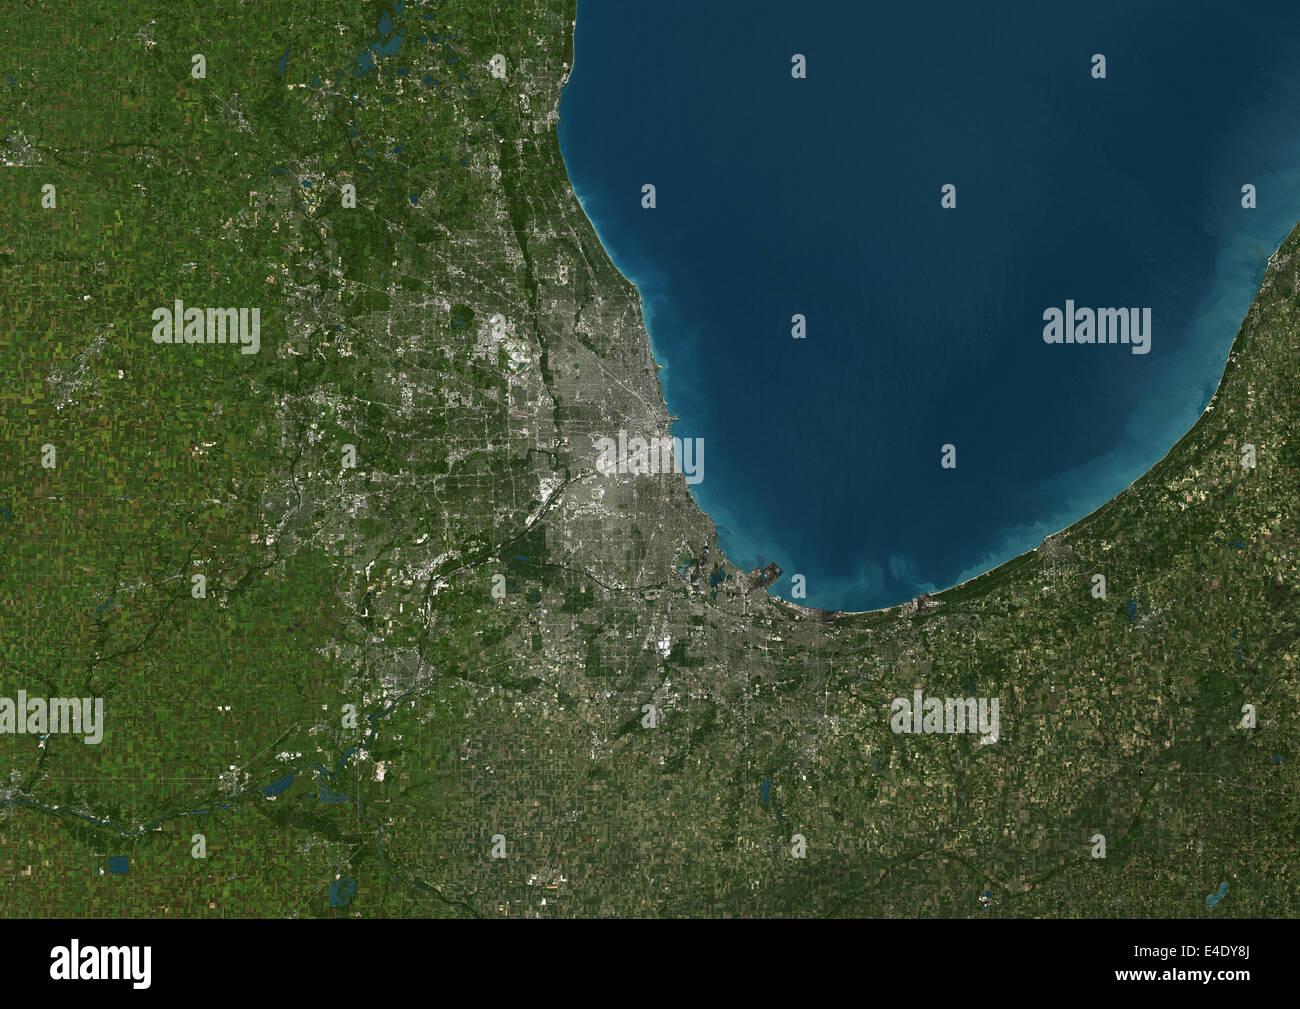 chicago united states true colour satellite image true colour